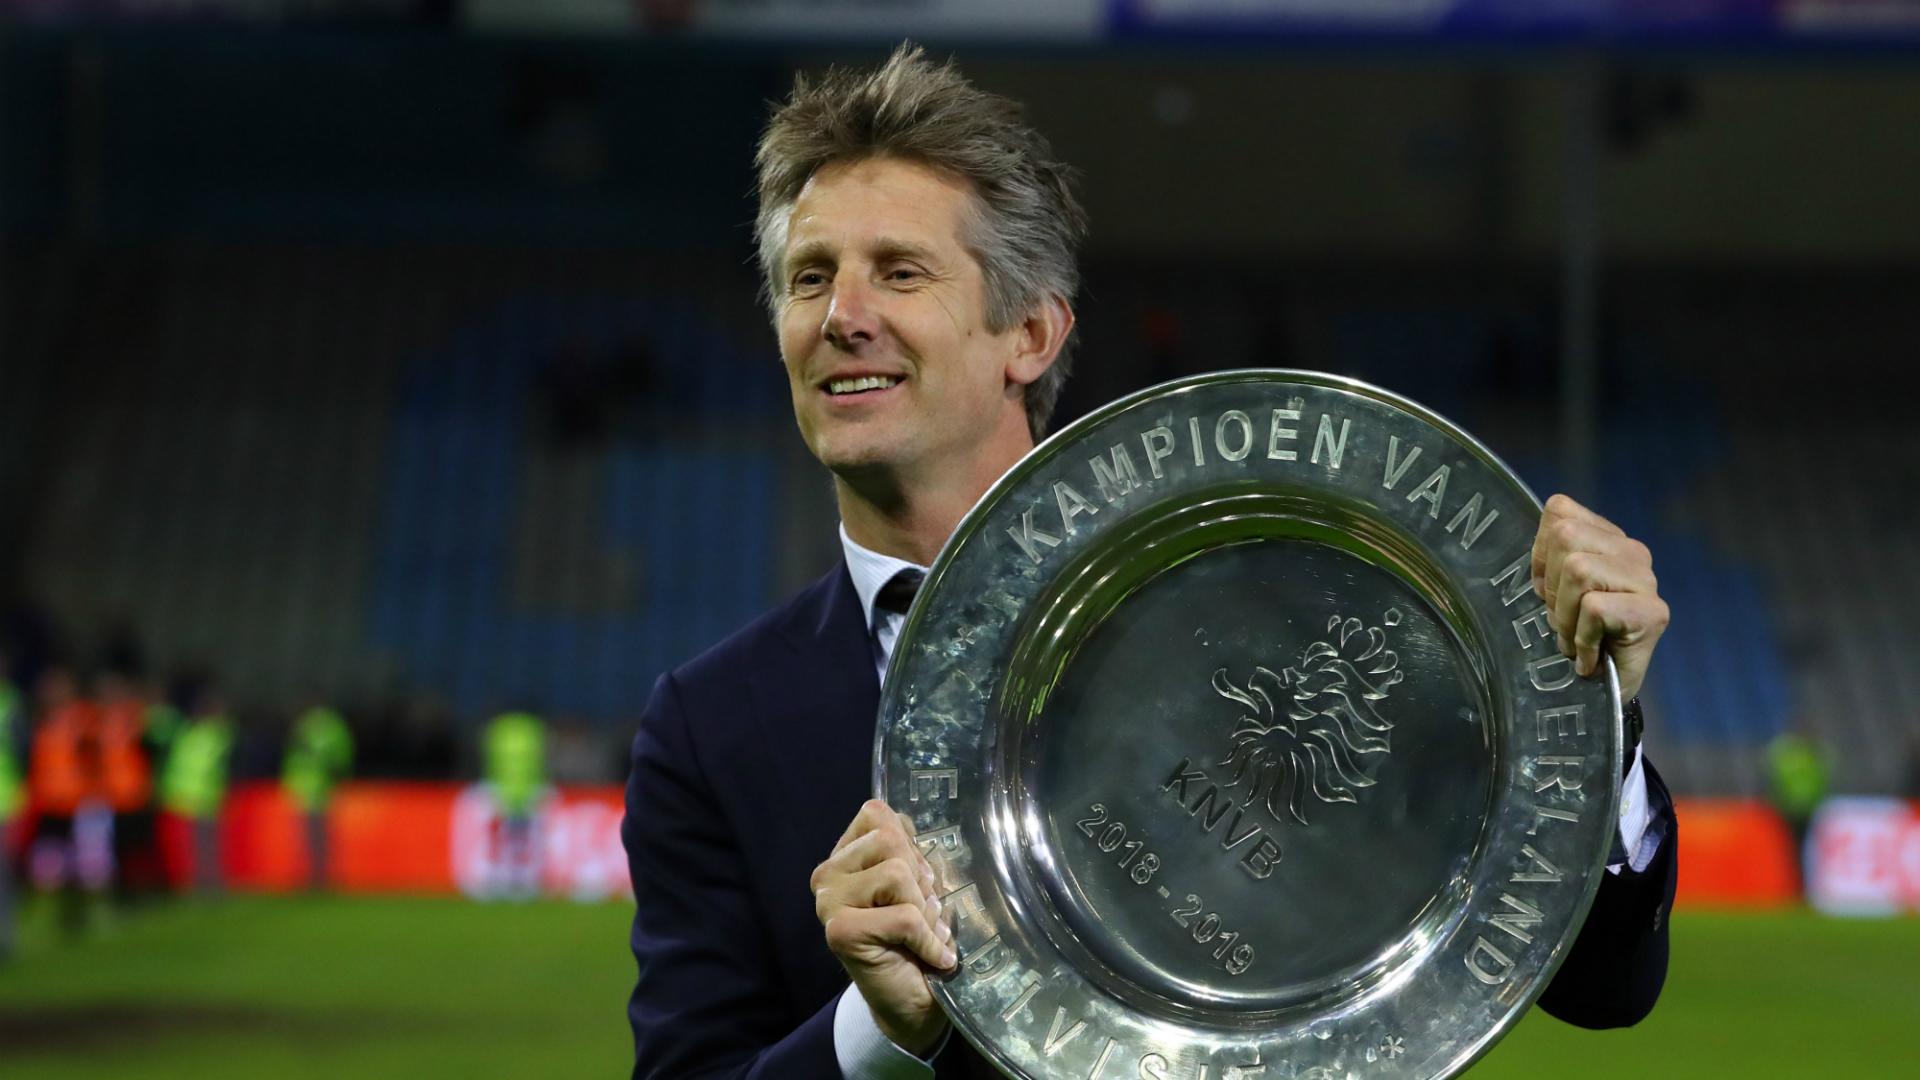 Van der Sar focused on Ajax amid reports of Man Utd role